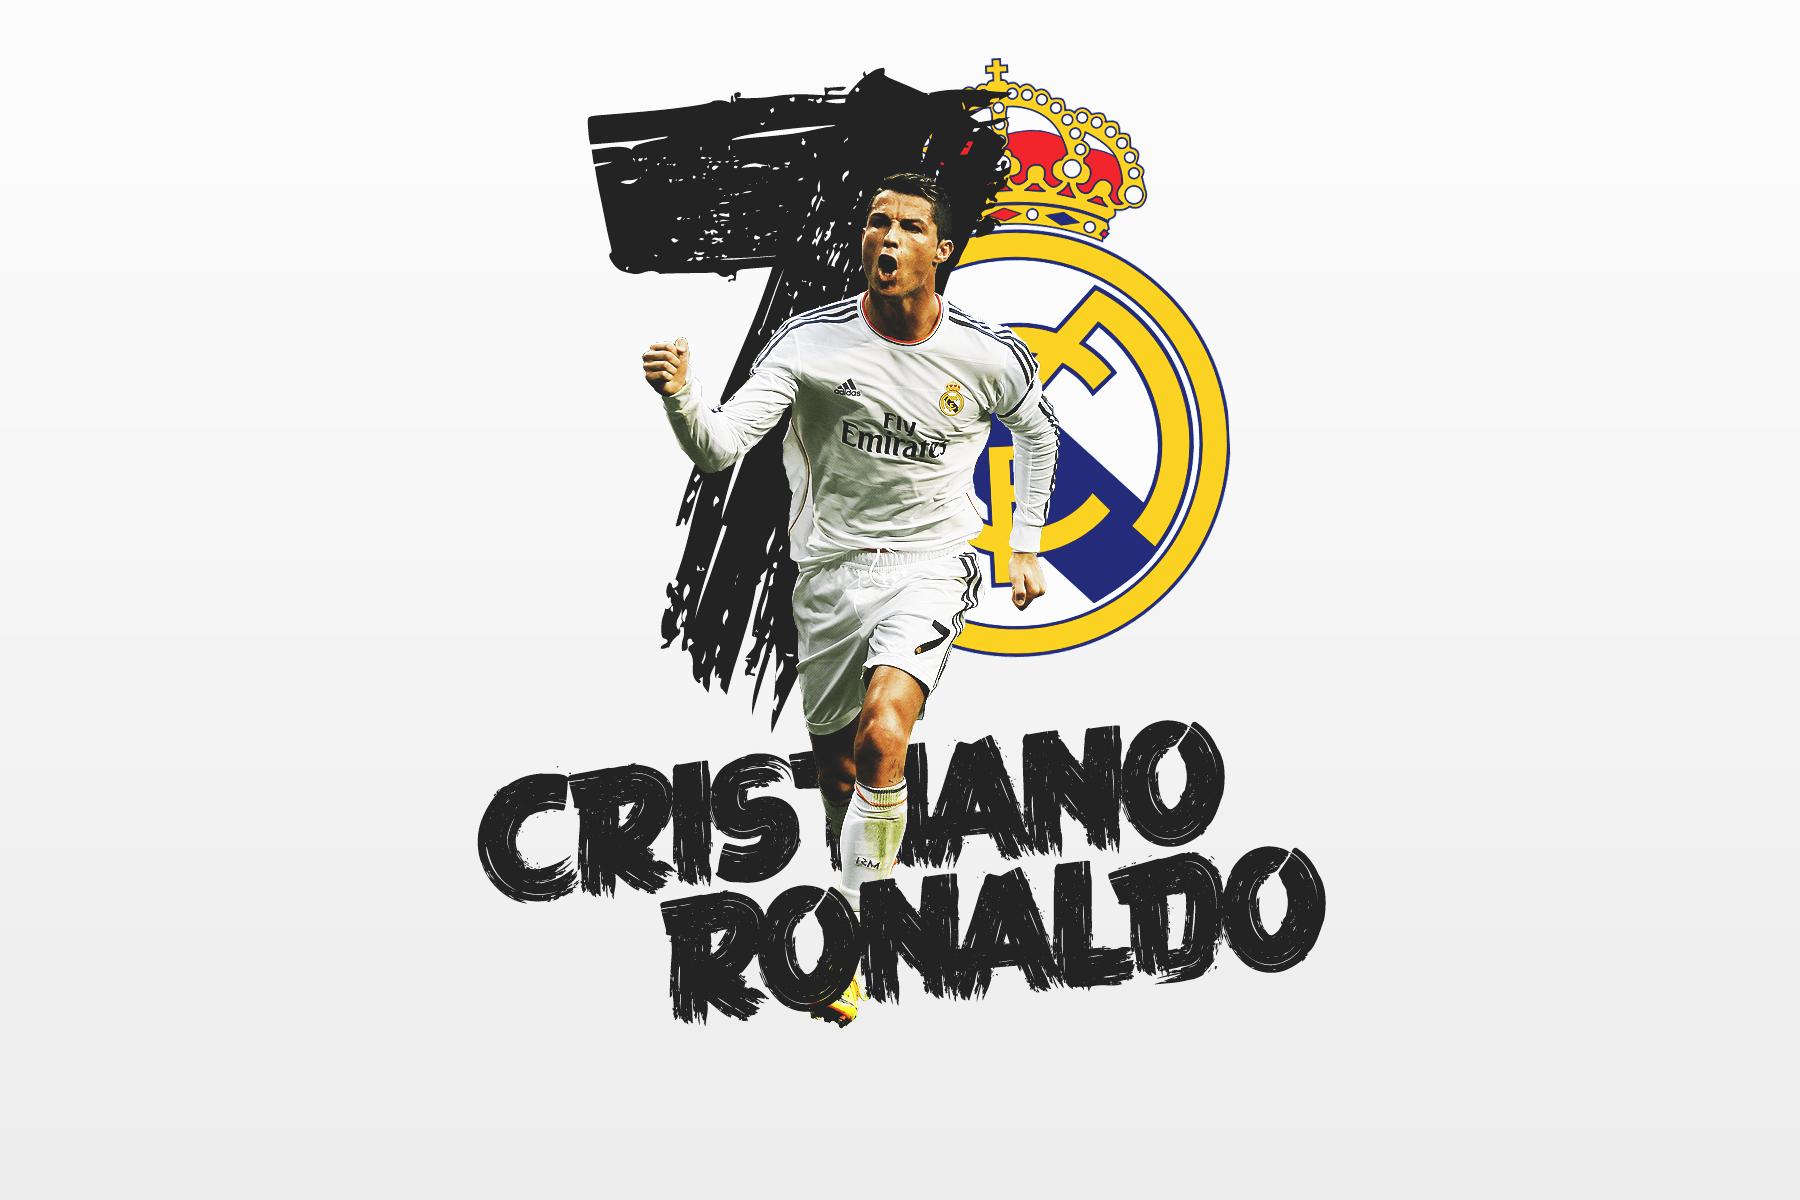 Ronaldo logo